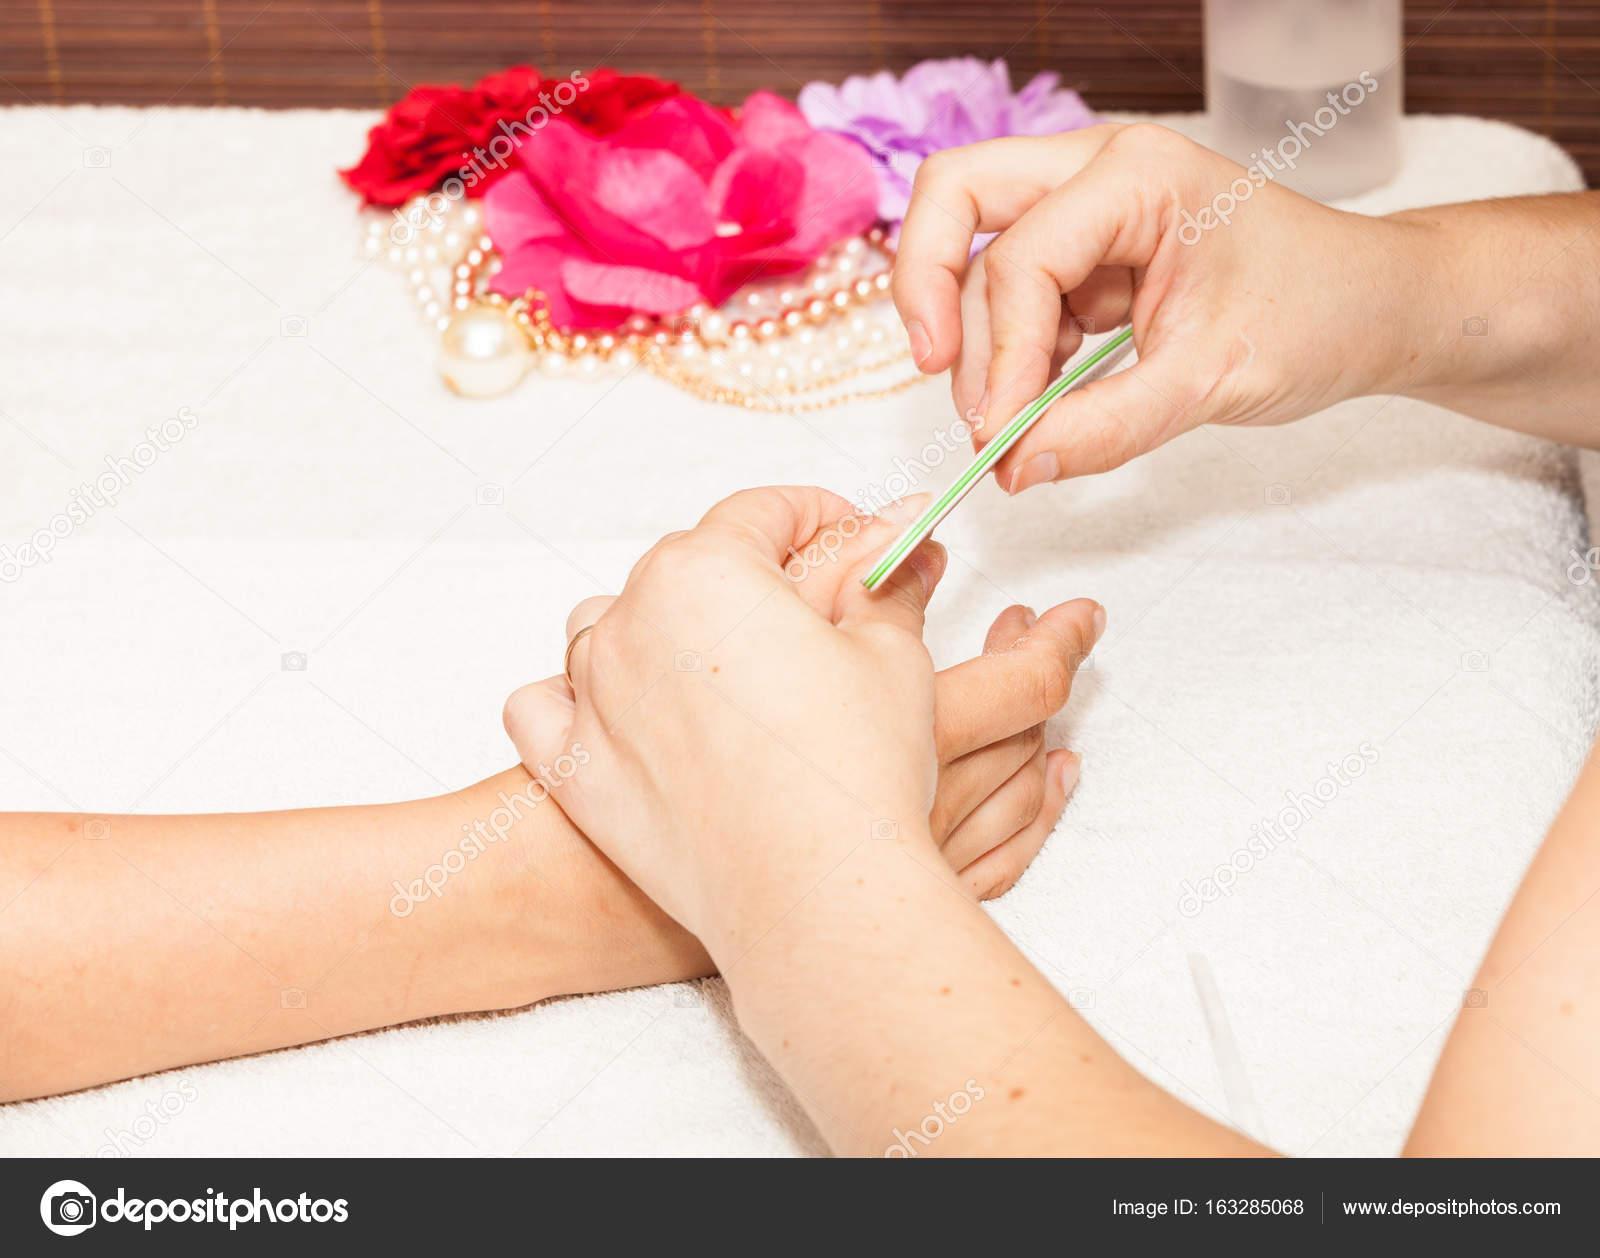 Kosmetikerin Polieren Client Nagel — Stockfoto © Chretien #163285068